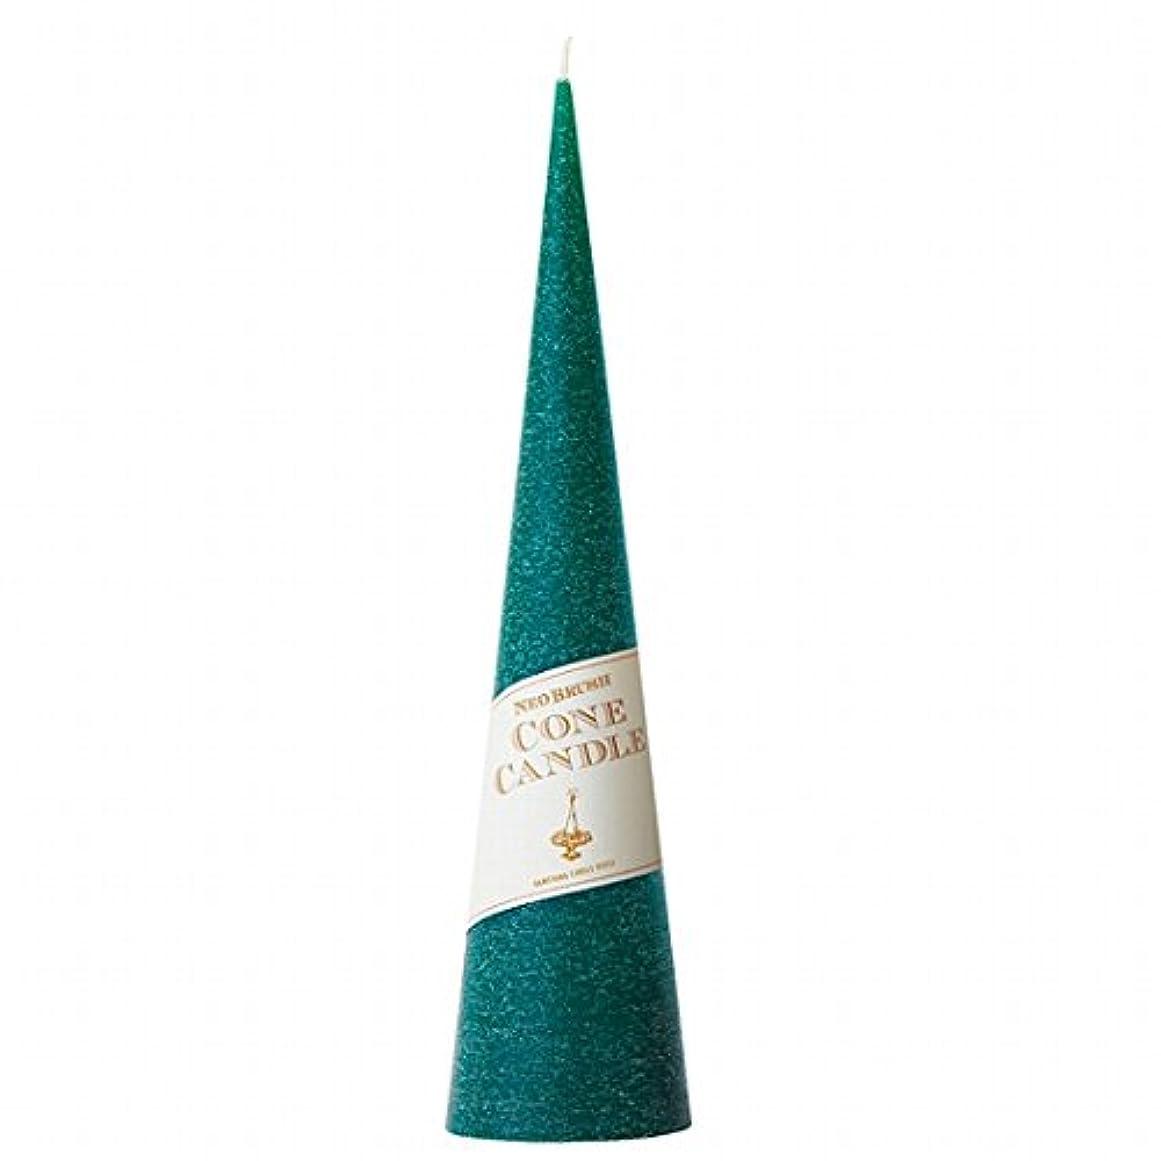 定義あたりギャロップkameyama candle(カメヤマキャンドル) ネオブラッシュコーン 295 キャンドル 「 グリーン 」(A9750030G)